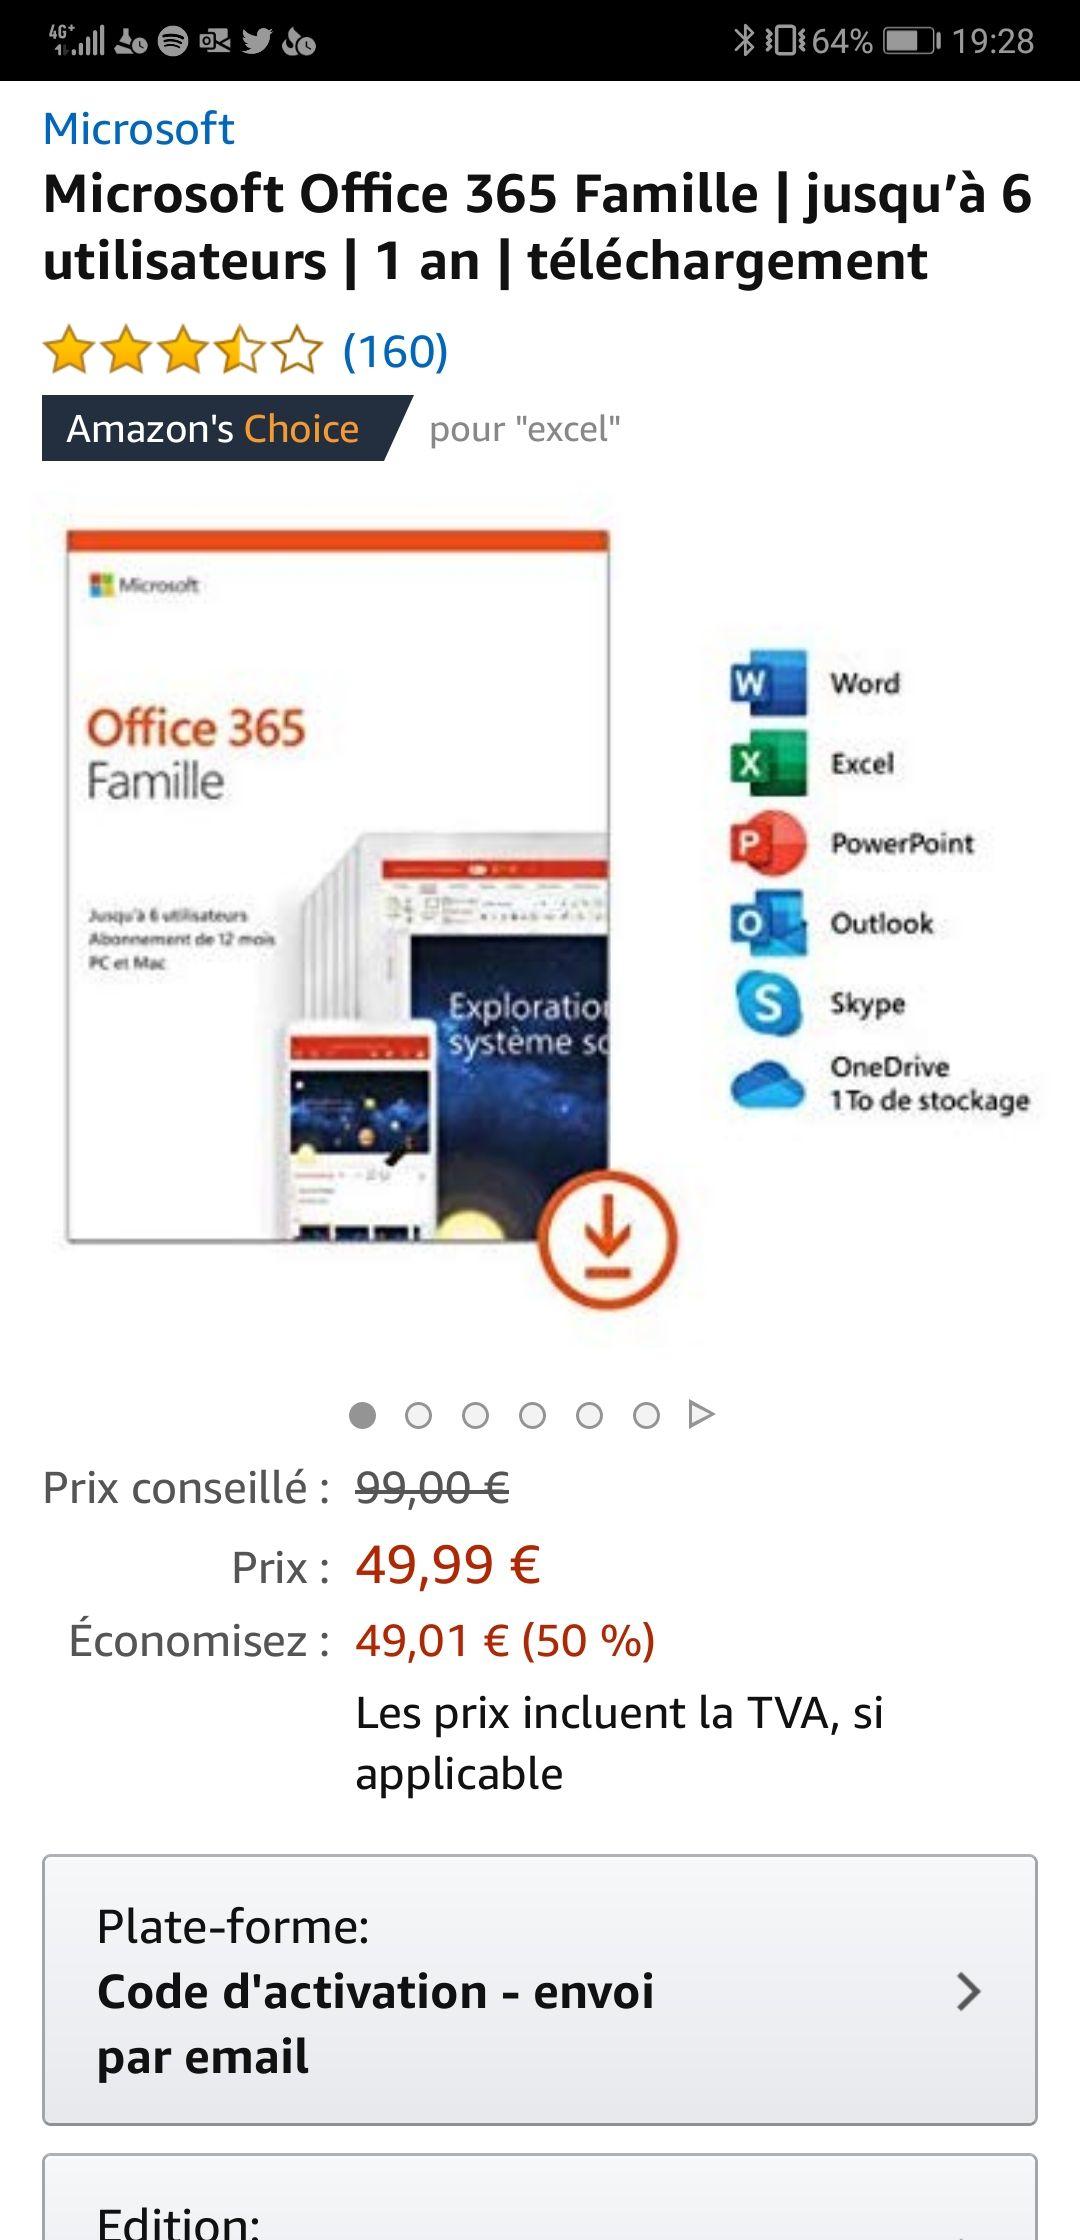 Office 365 Familie jaarabonnement (6 gebruikers) voor 49,99 ipv 99,99